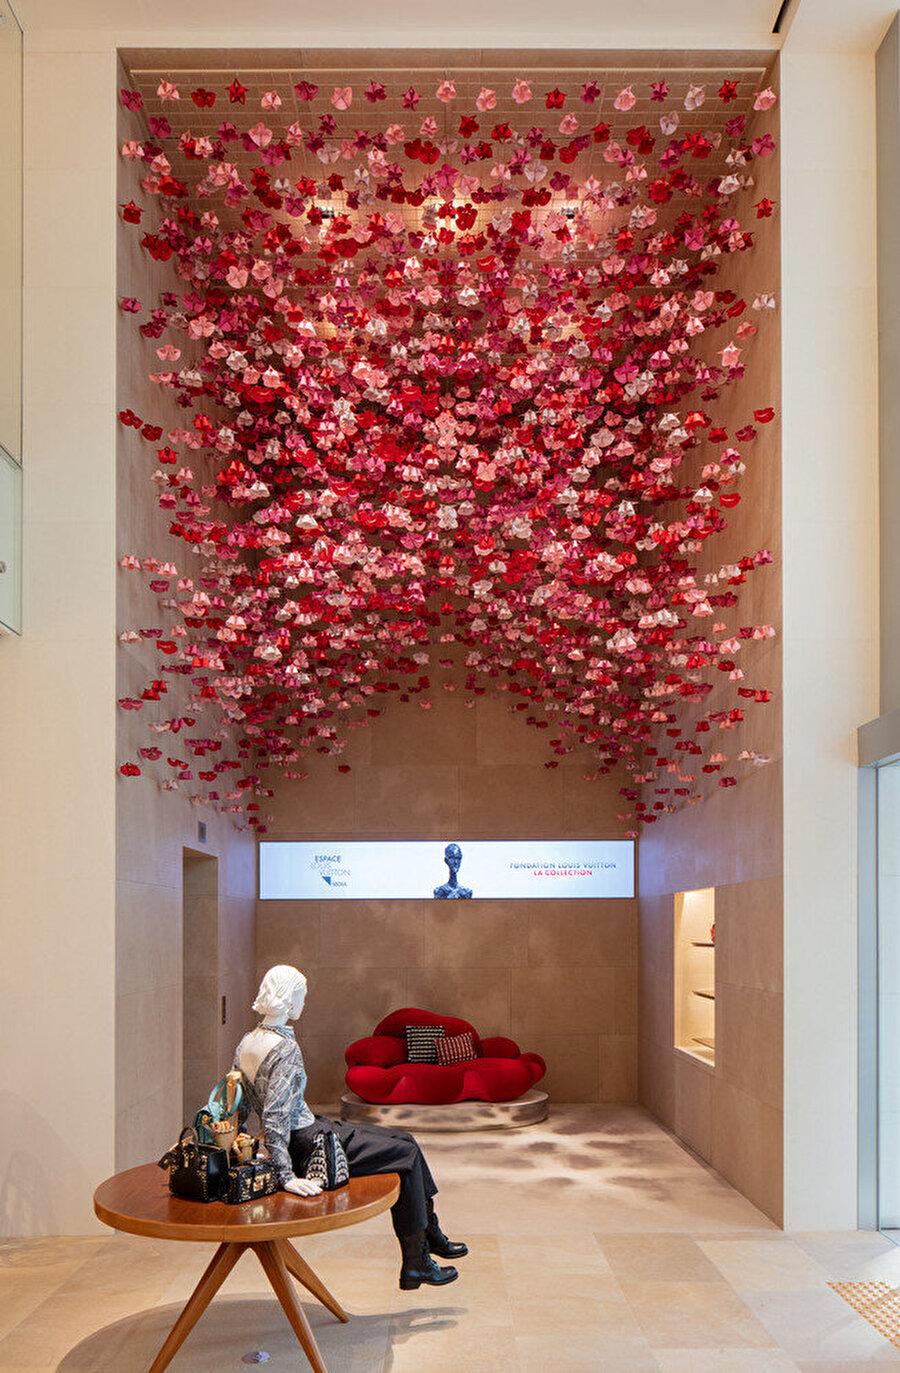 Ziyaretçiler, girişte renkli ve enerjik dekorasyonlarla karşılanıyor.